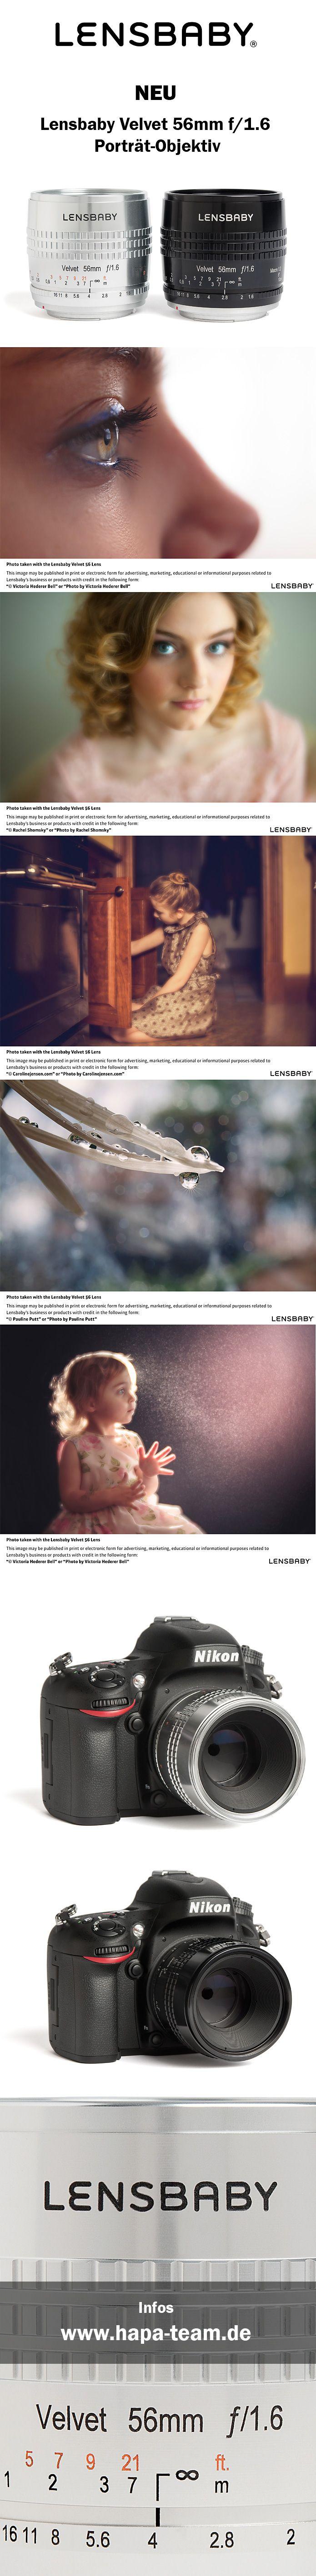 NEU:  #Lensbaby Velvet 56mm f/1.6 Porträt-Objektiv. Infos: www.hapa-team.de